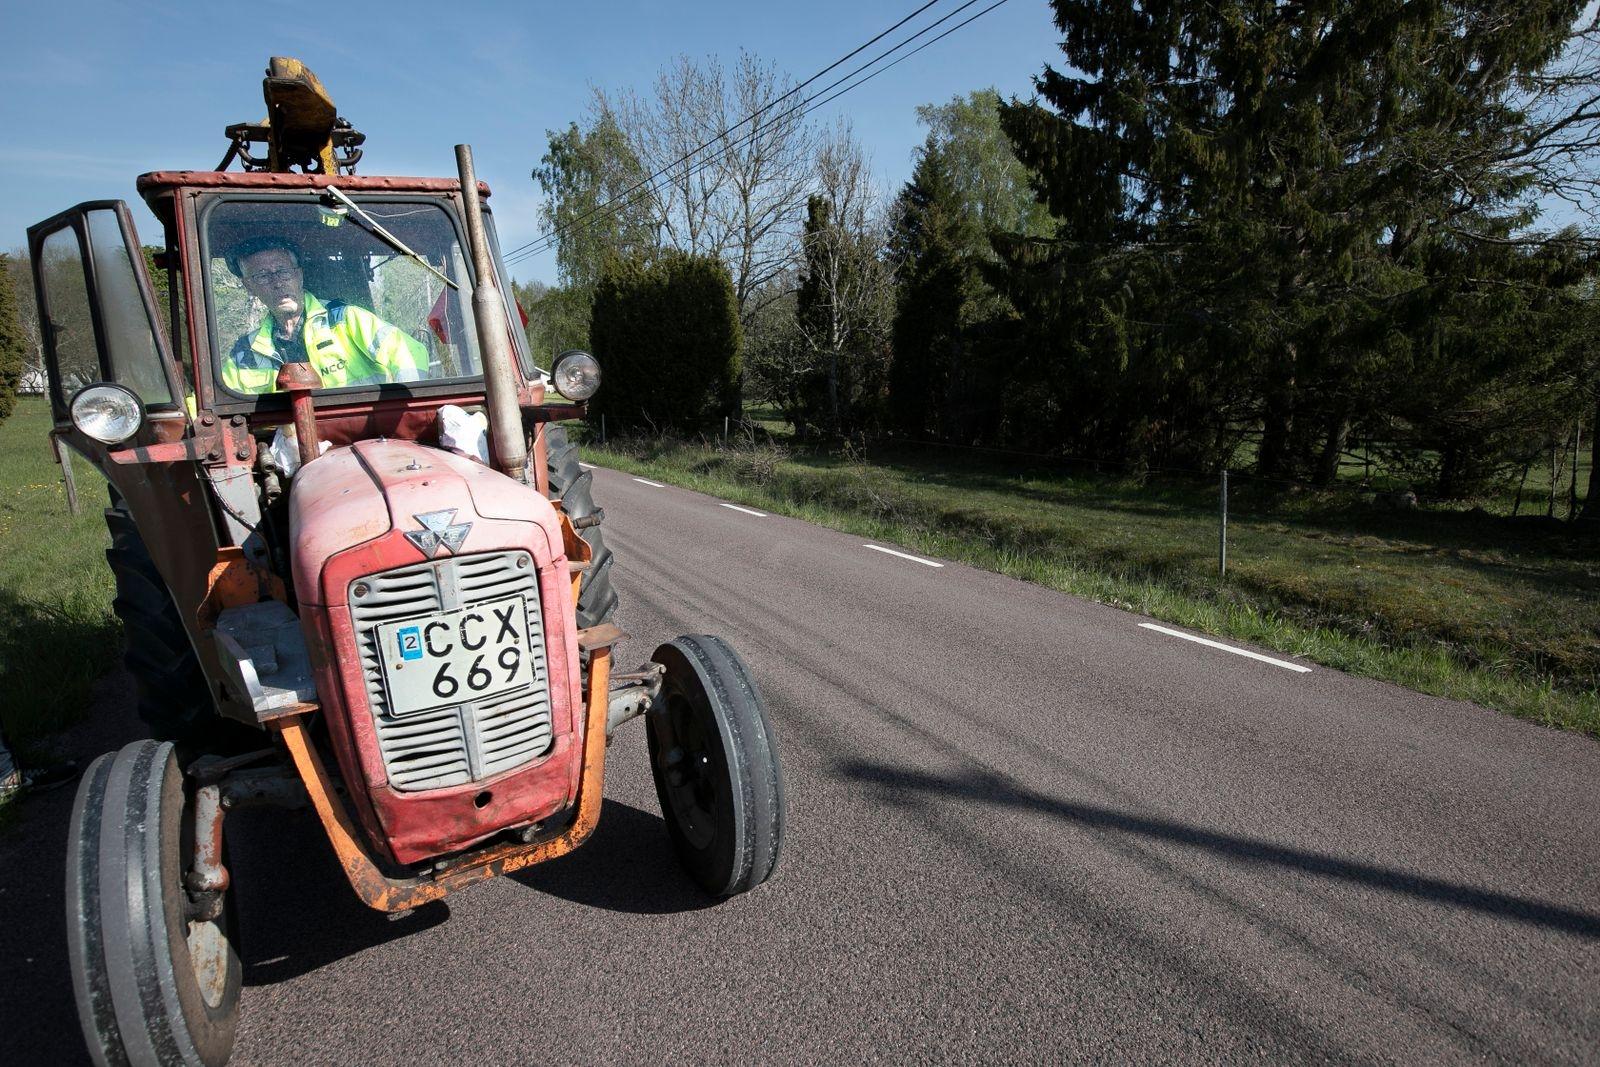 – Kanske blir vi bortglömda här uppe om det blir en kommun, säger Kenneth Rydberg när han stannat traktorn på Grankullavägen. Han får inte heller rösta, trots att han är uppvuxen på Nordöland. Han har bott i Kalmar hela sitt yrkesliv.